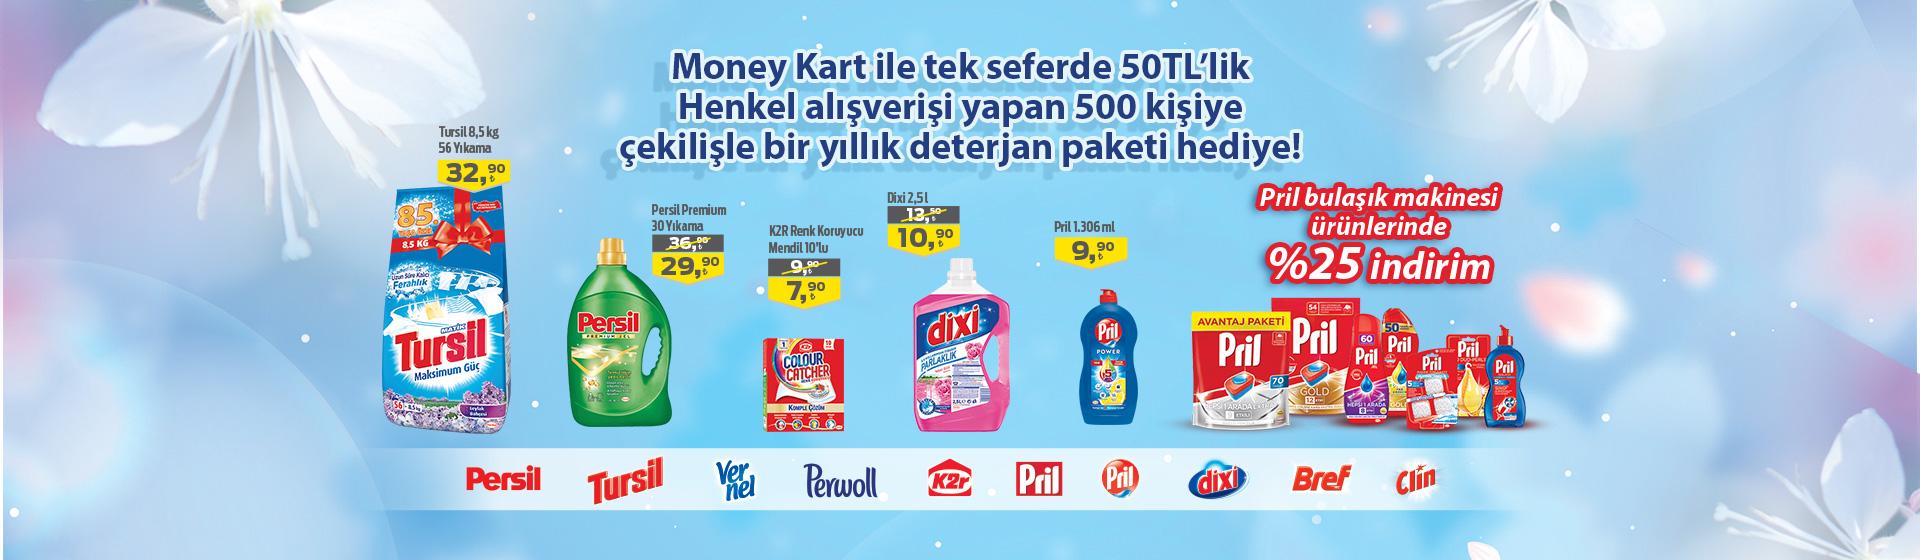 Henkel Çekiliş Kampanyası